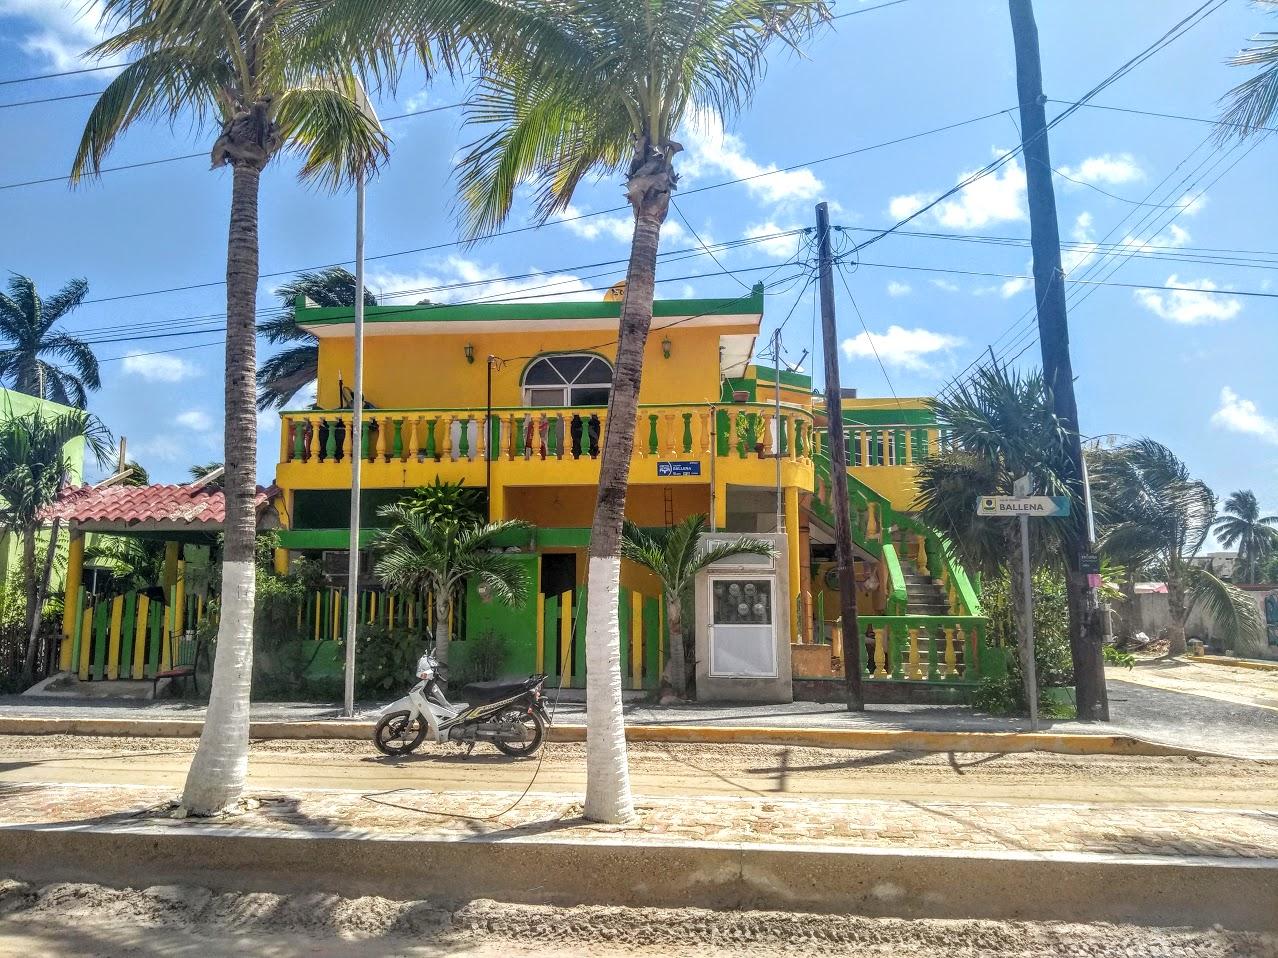 La isla holbox, el paraíso mejicano del Caribe